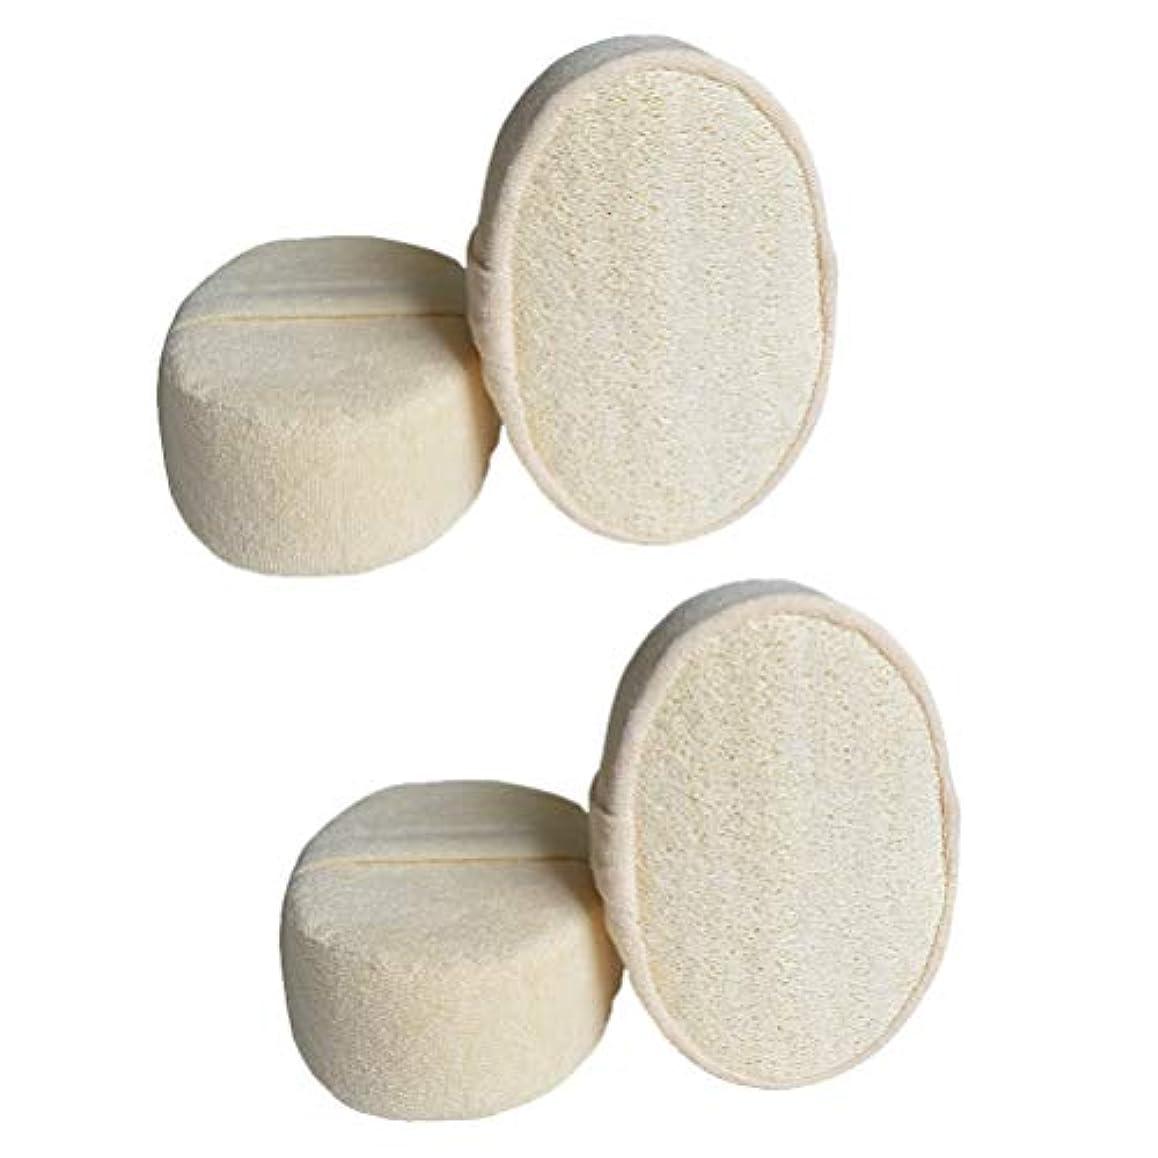 喜劇中国ペルメルHealifty 4ピース剥離剥離剤パッドloofaスポンジスクラバーブラシ用風呂スパシャワー